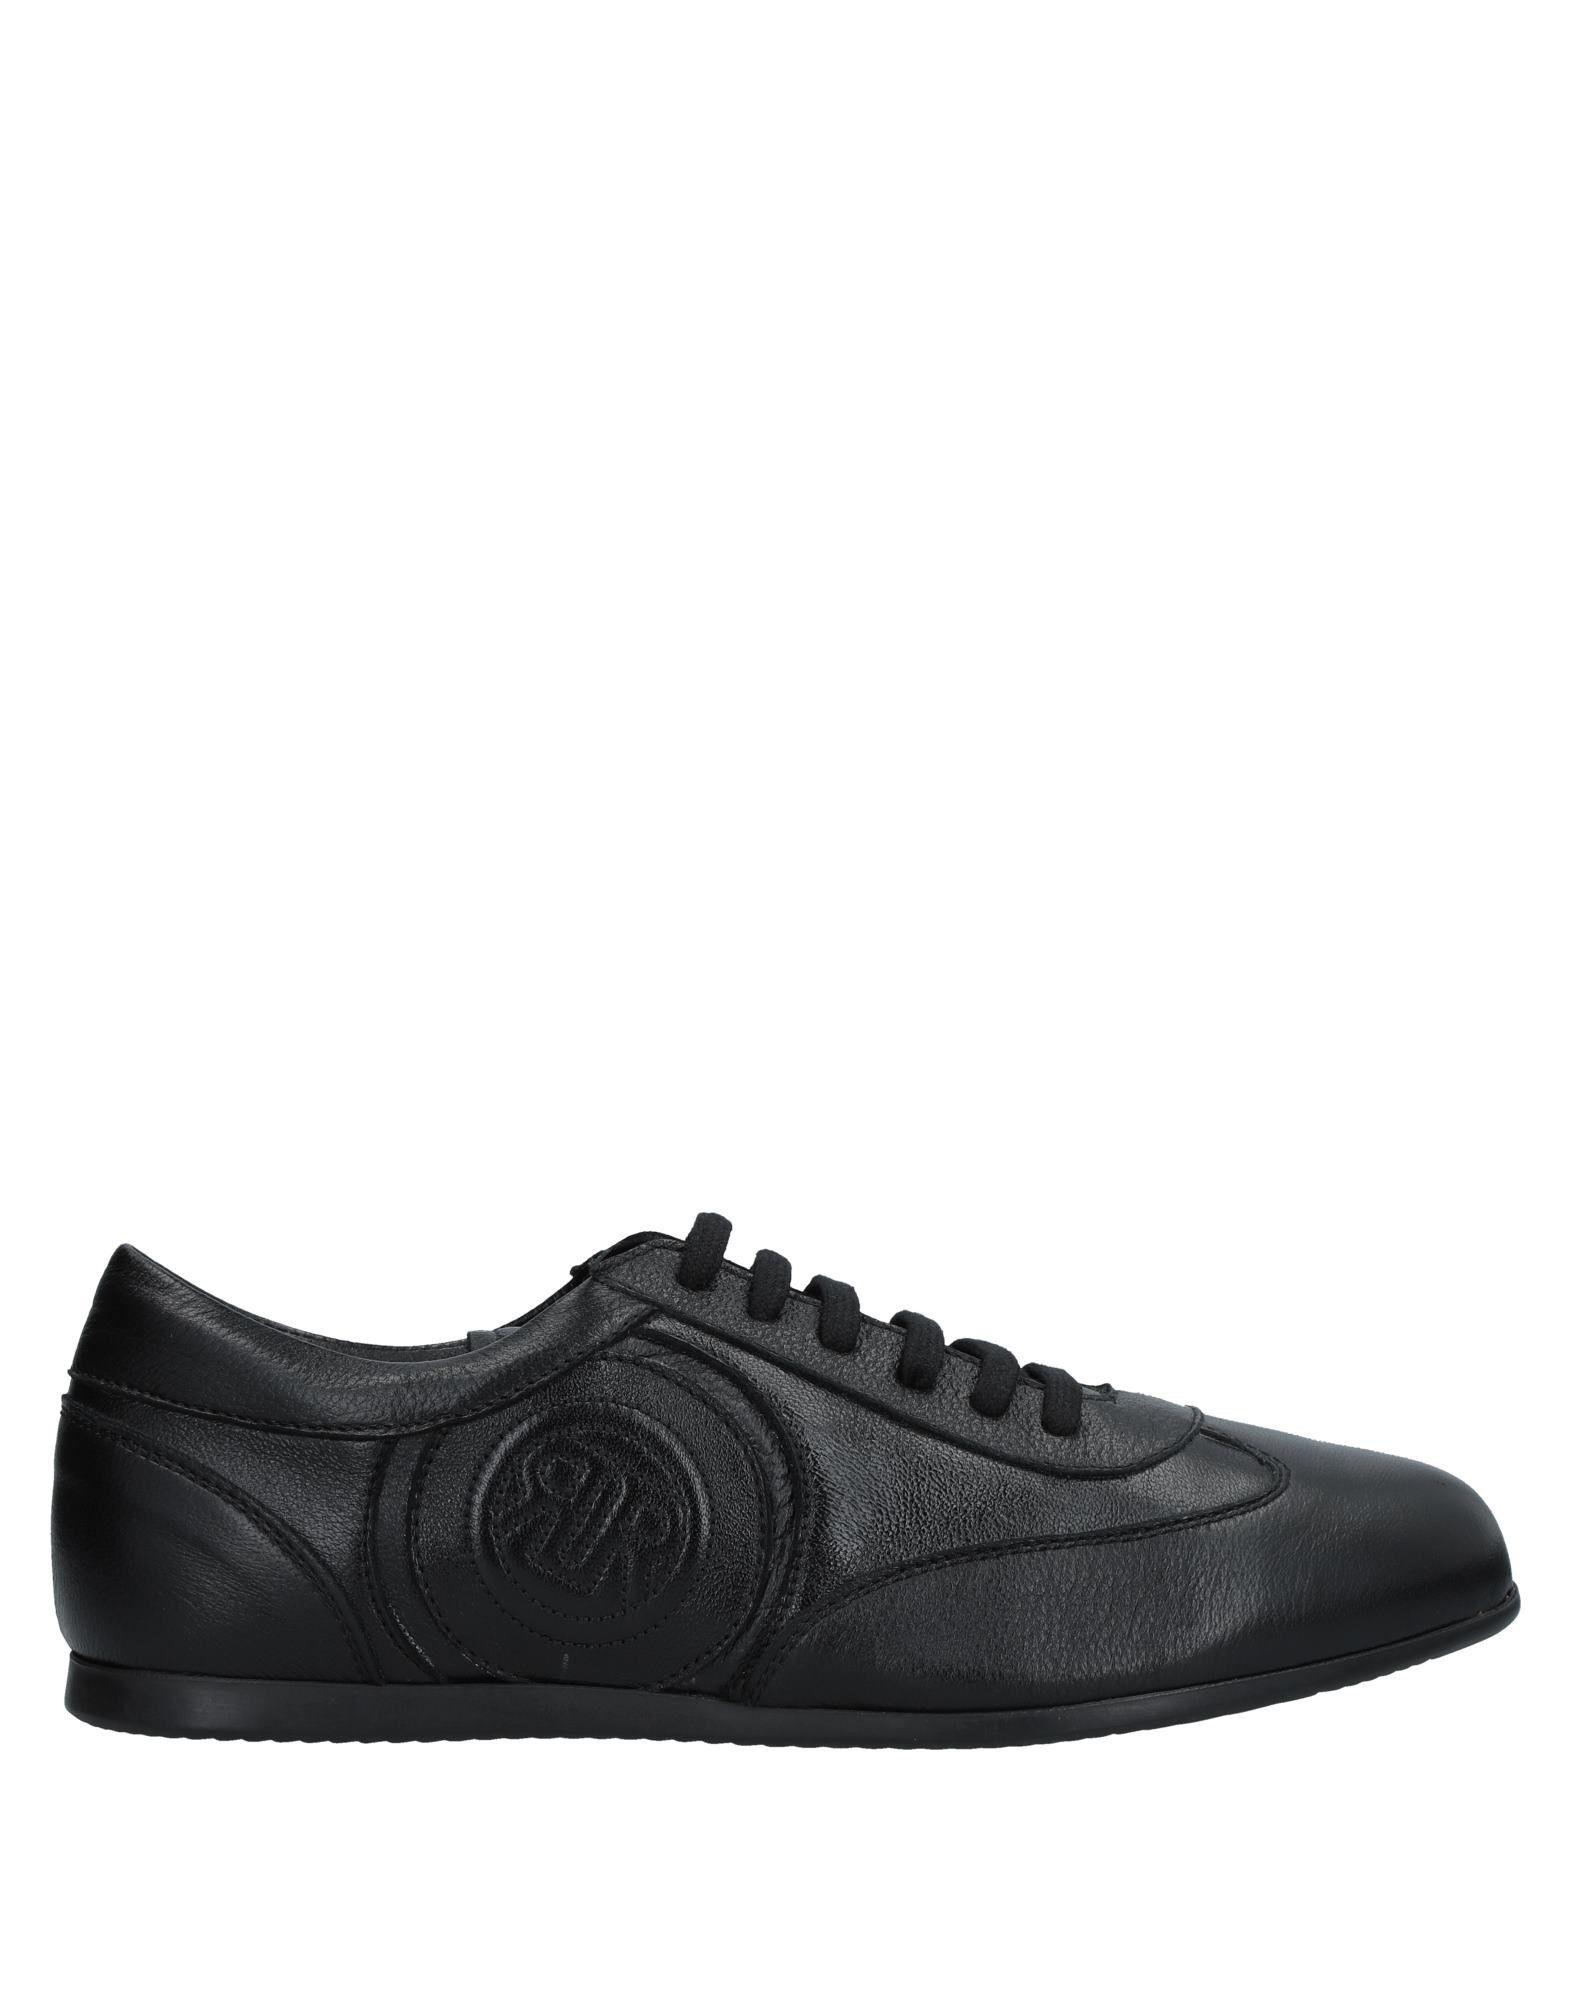 Recortes beneficios de precios estacionales, beneficios Recortes de descuento  Zapatillas John Richmond Black Label Hombre - Zapatillas John Richmond Black Label 568b81